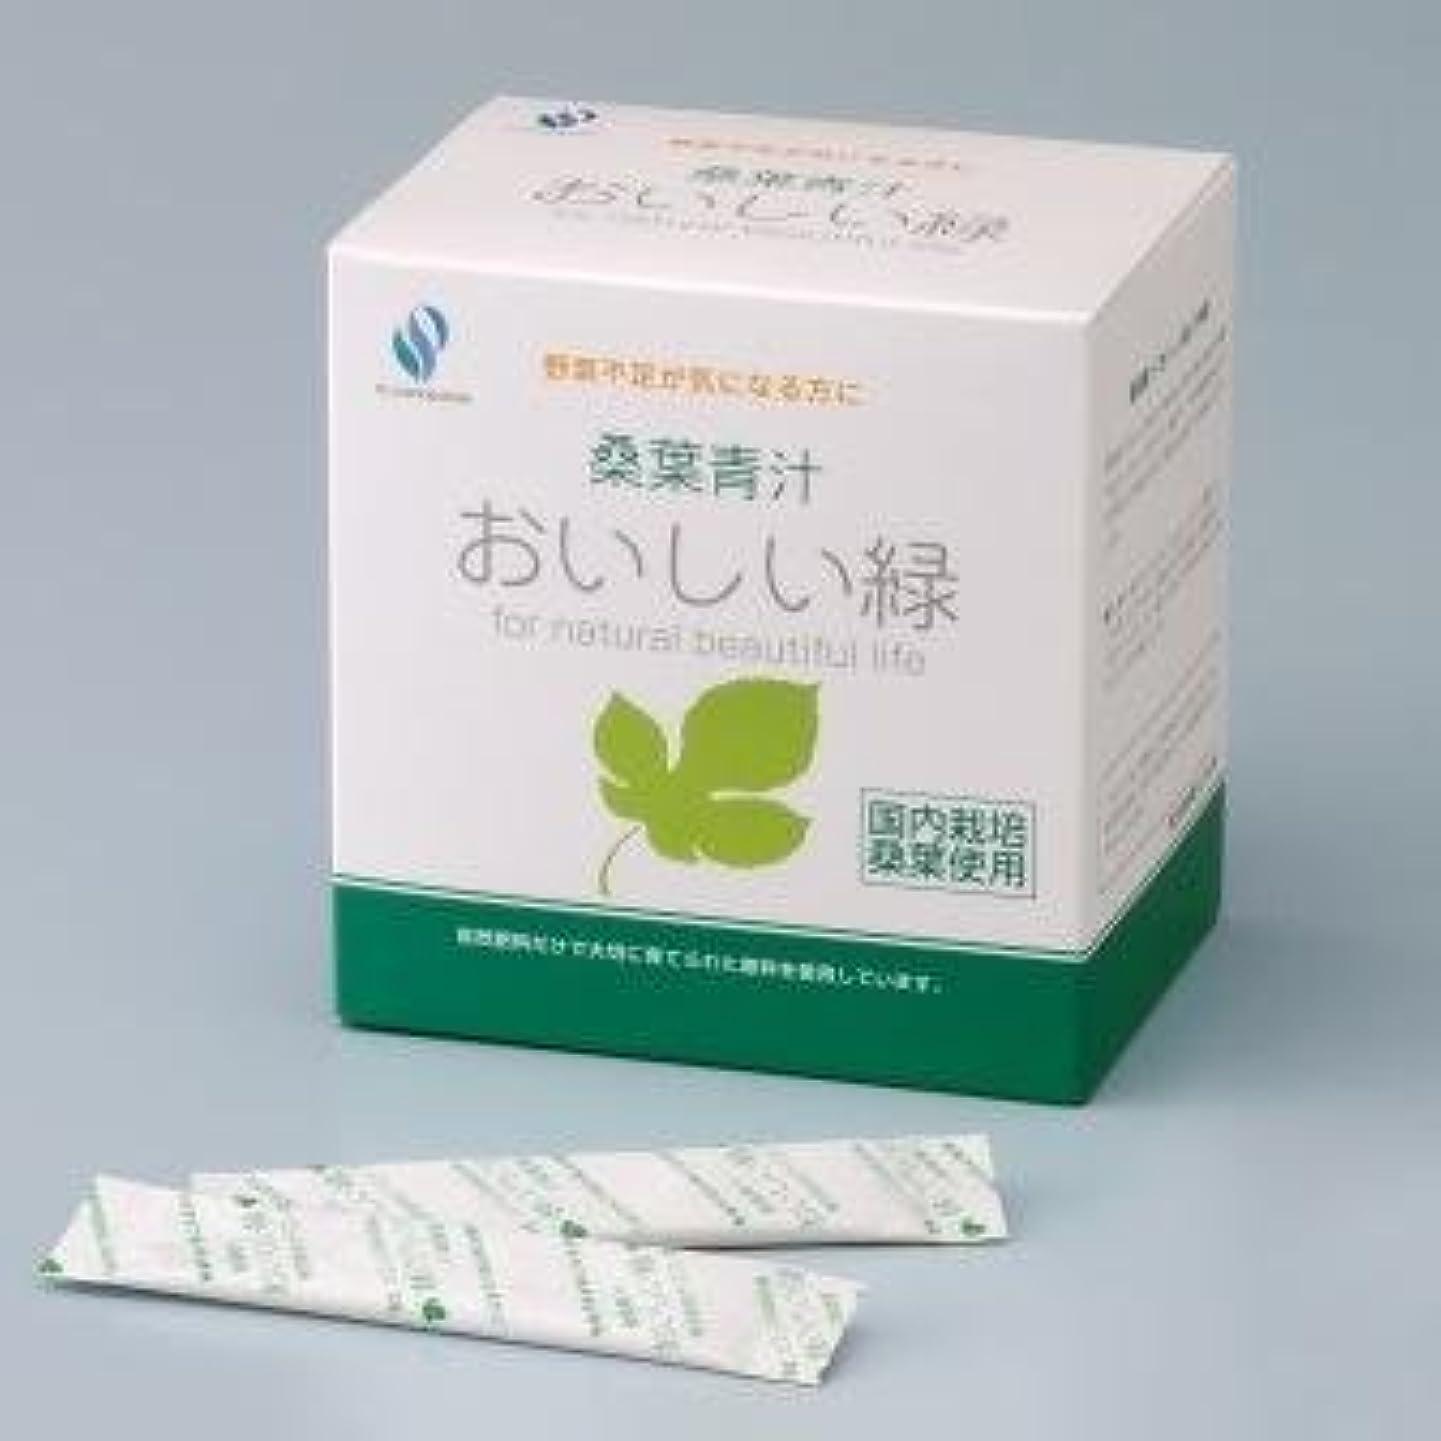 対応デジタル油【栄養補助食品】 桑葉青汁 おいしい緑 (本体(2gx60本入り))